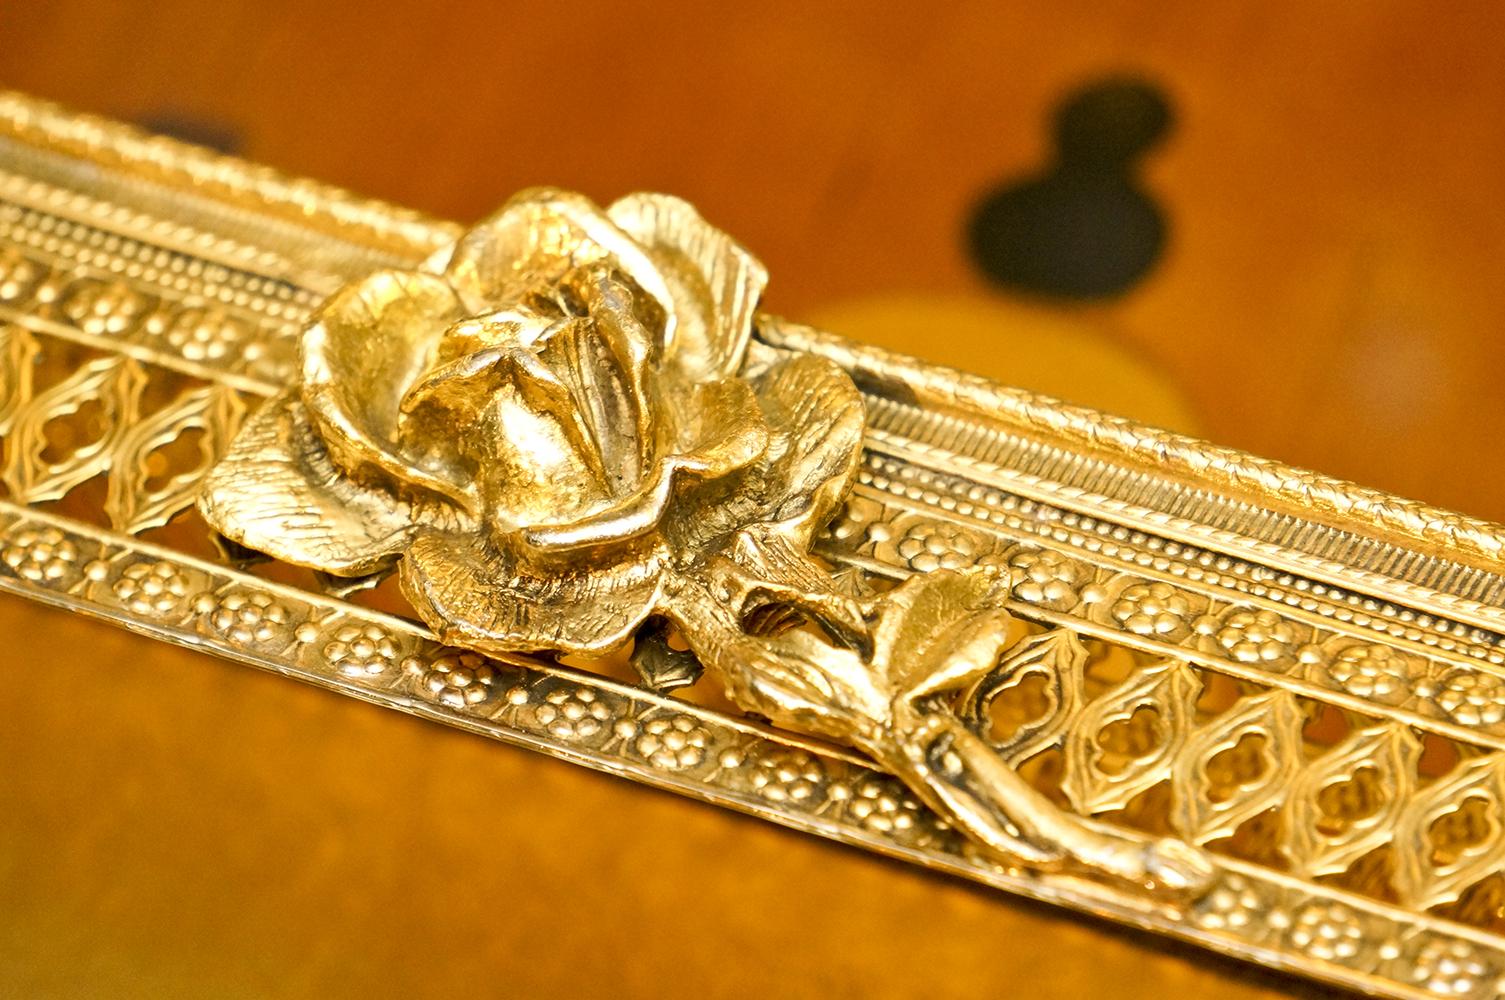 Sold: スタイルビルト製 ゴールド ローズ ティッシュボックス 拡大